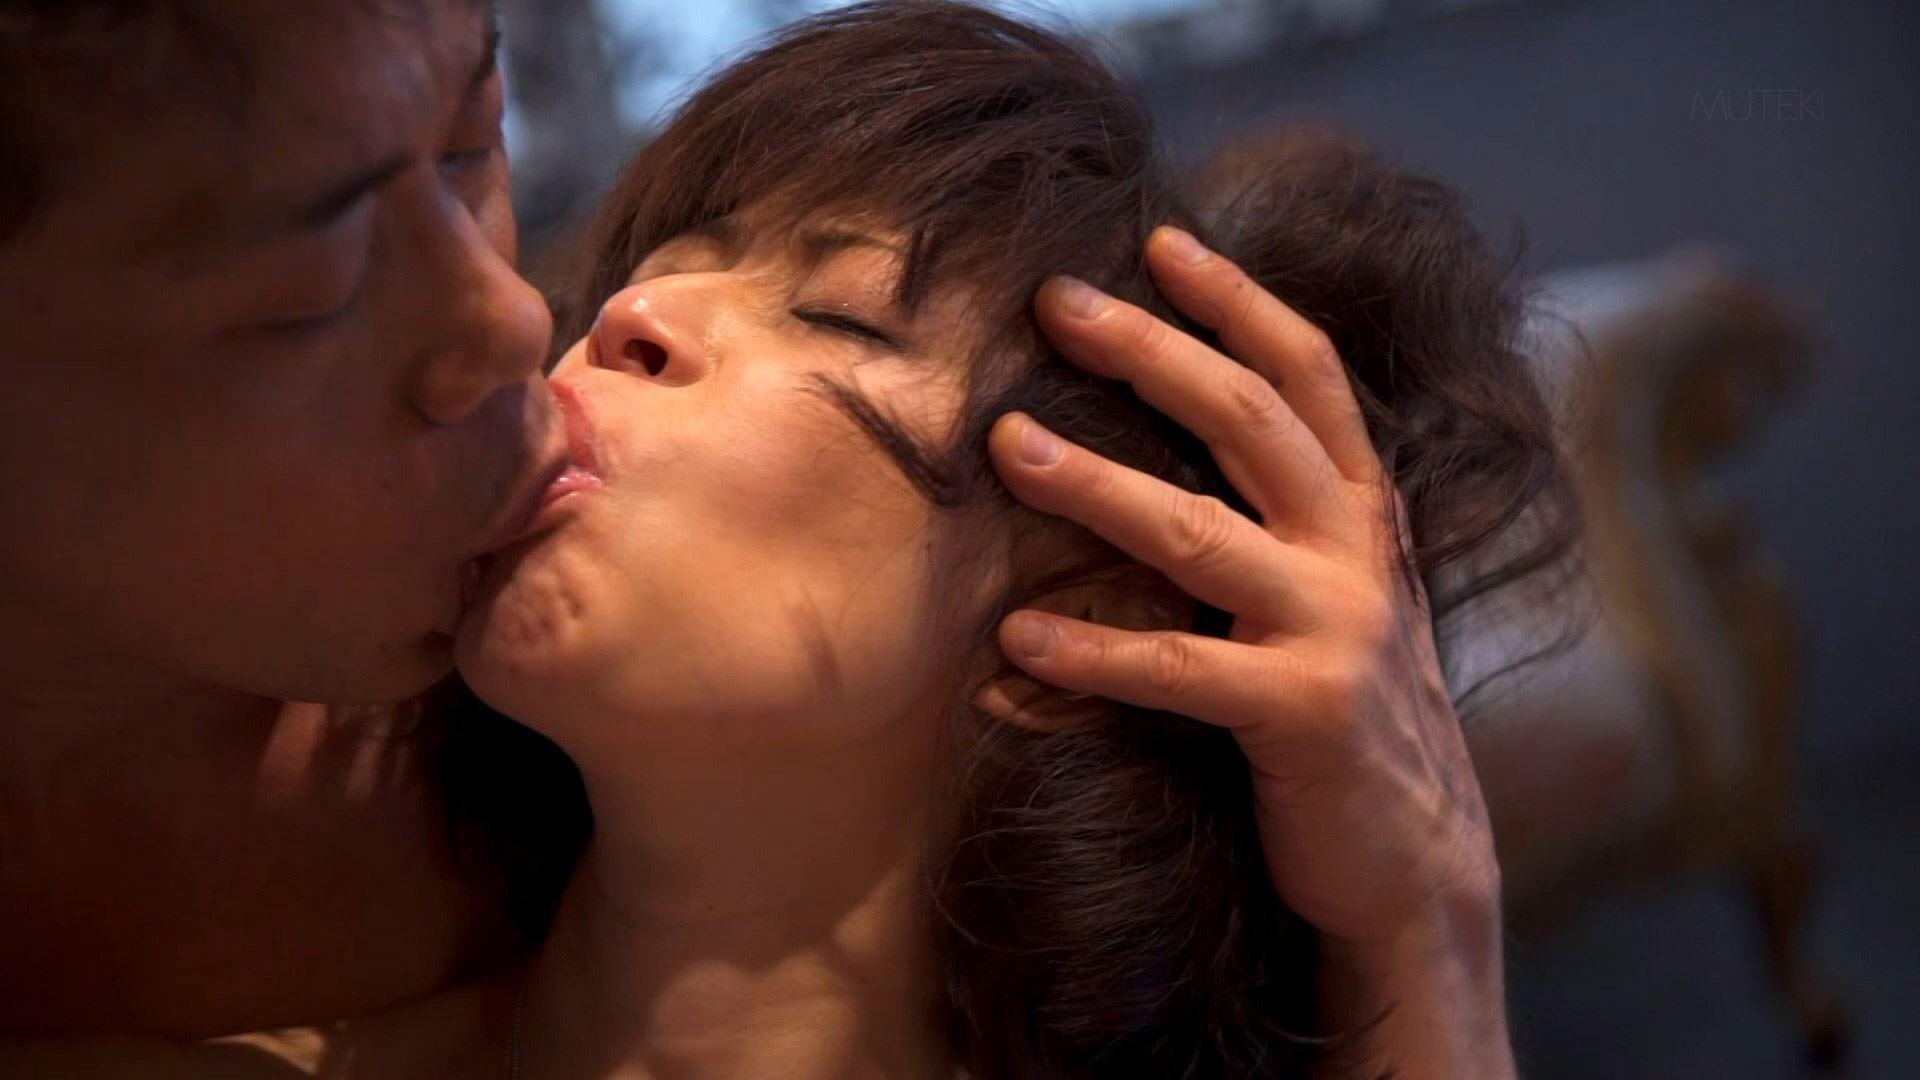 もちづきる美 元ギリギリガールズ 本番 解禁 セックス 画像 29